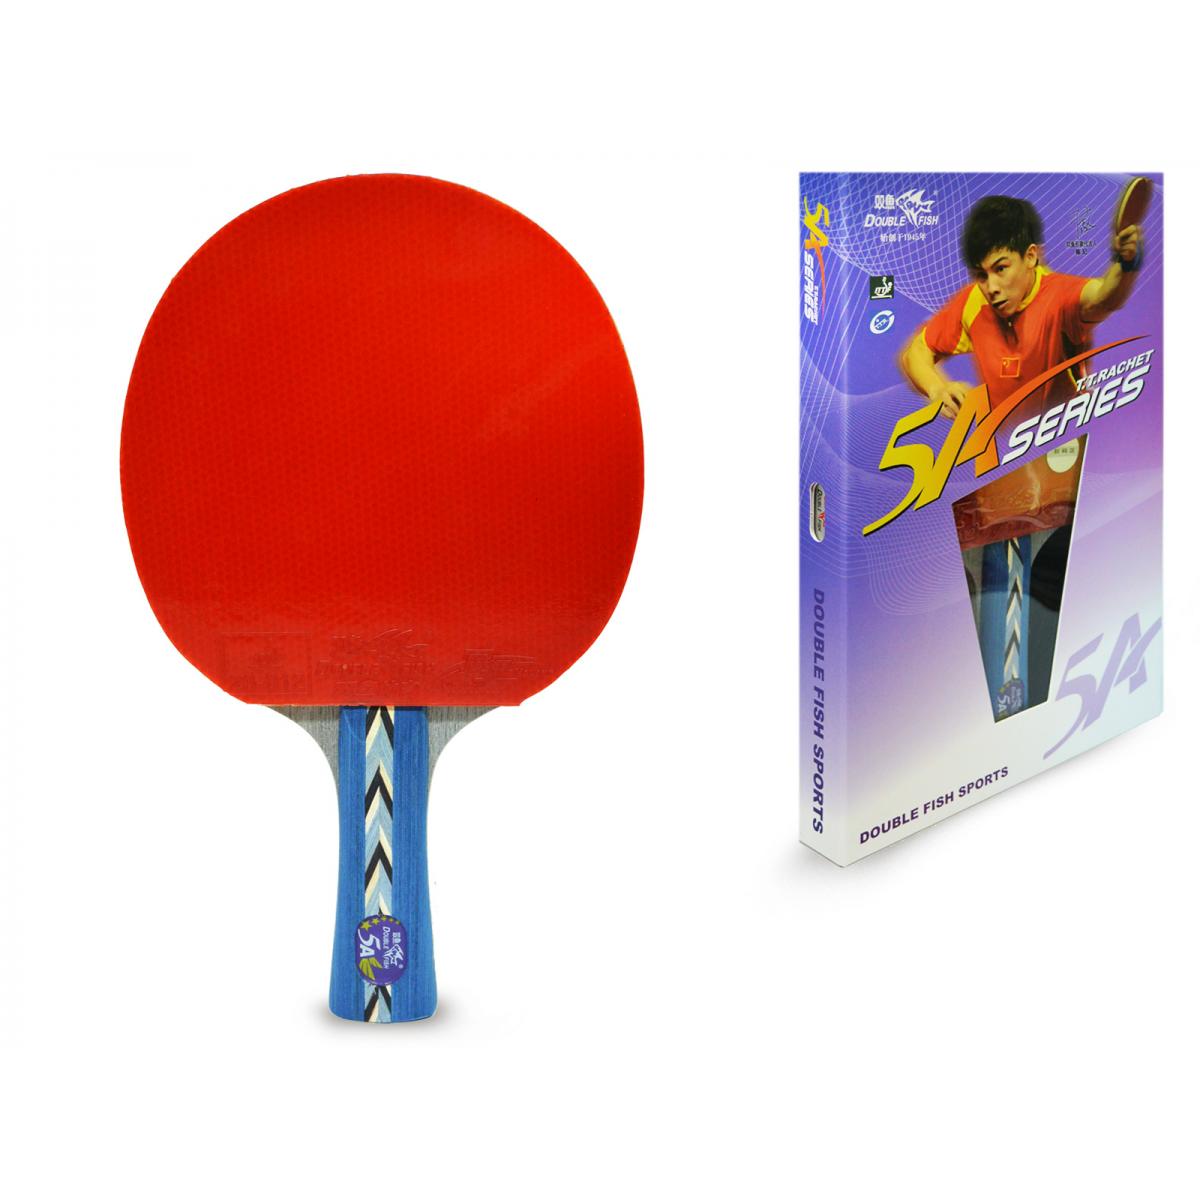 Ракетка для настольного тенниса Double Fish 5A SERIES